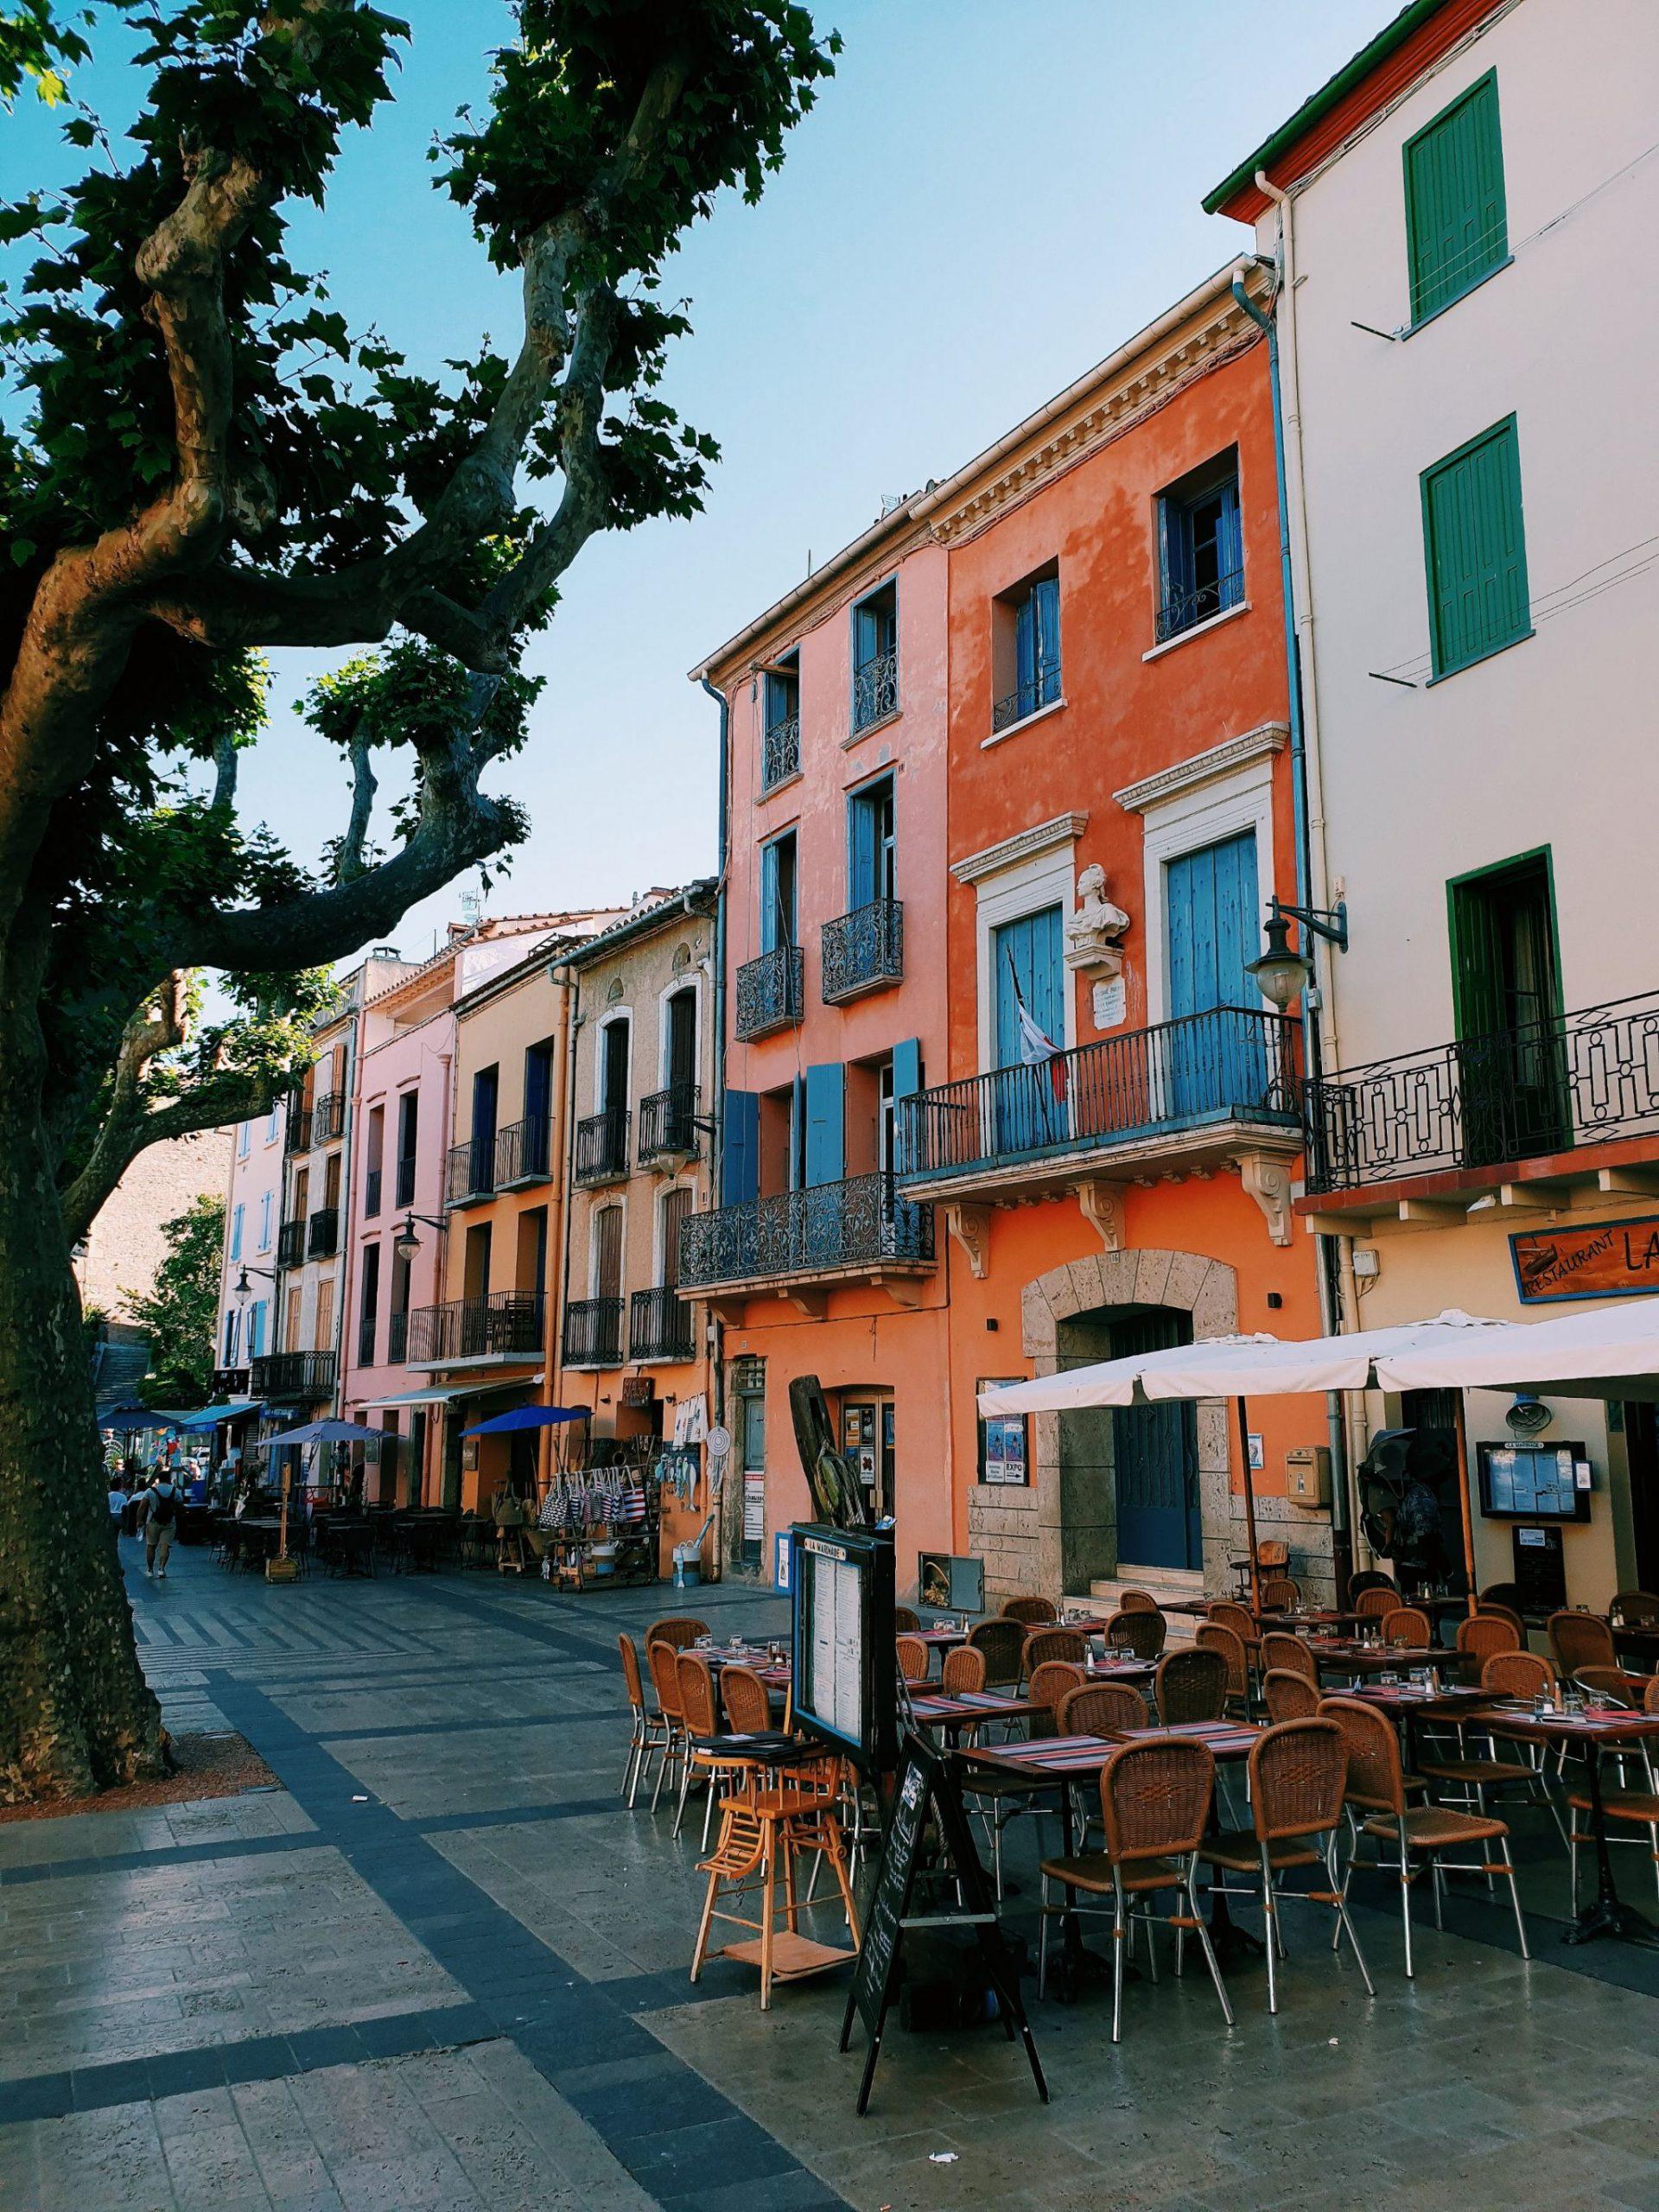 The square in Collioure